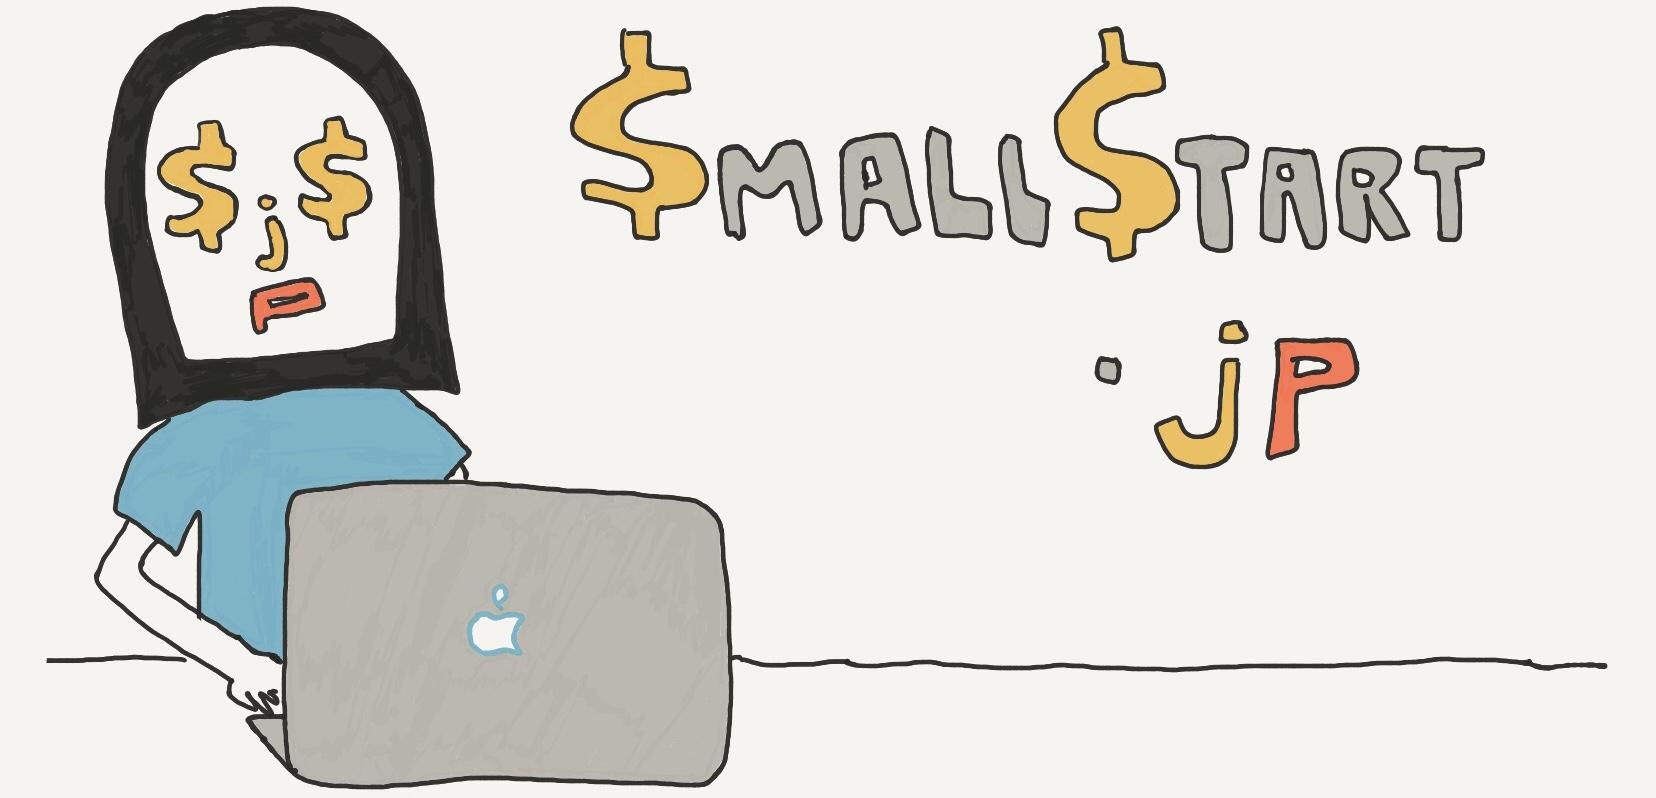 smallstart